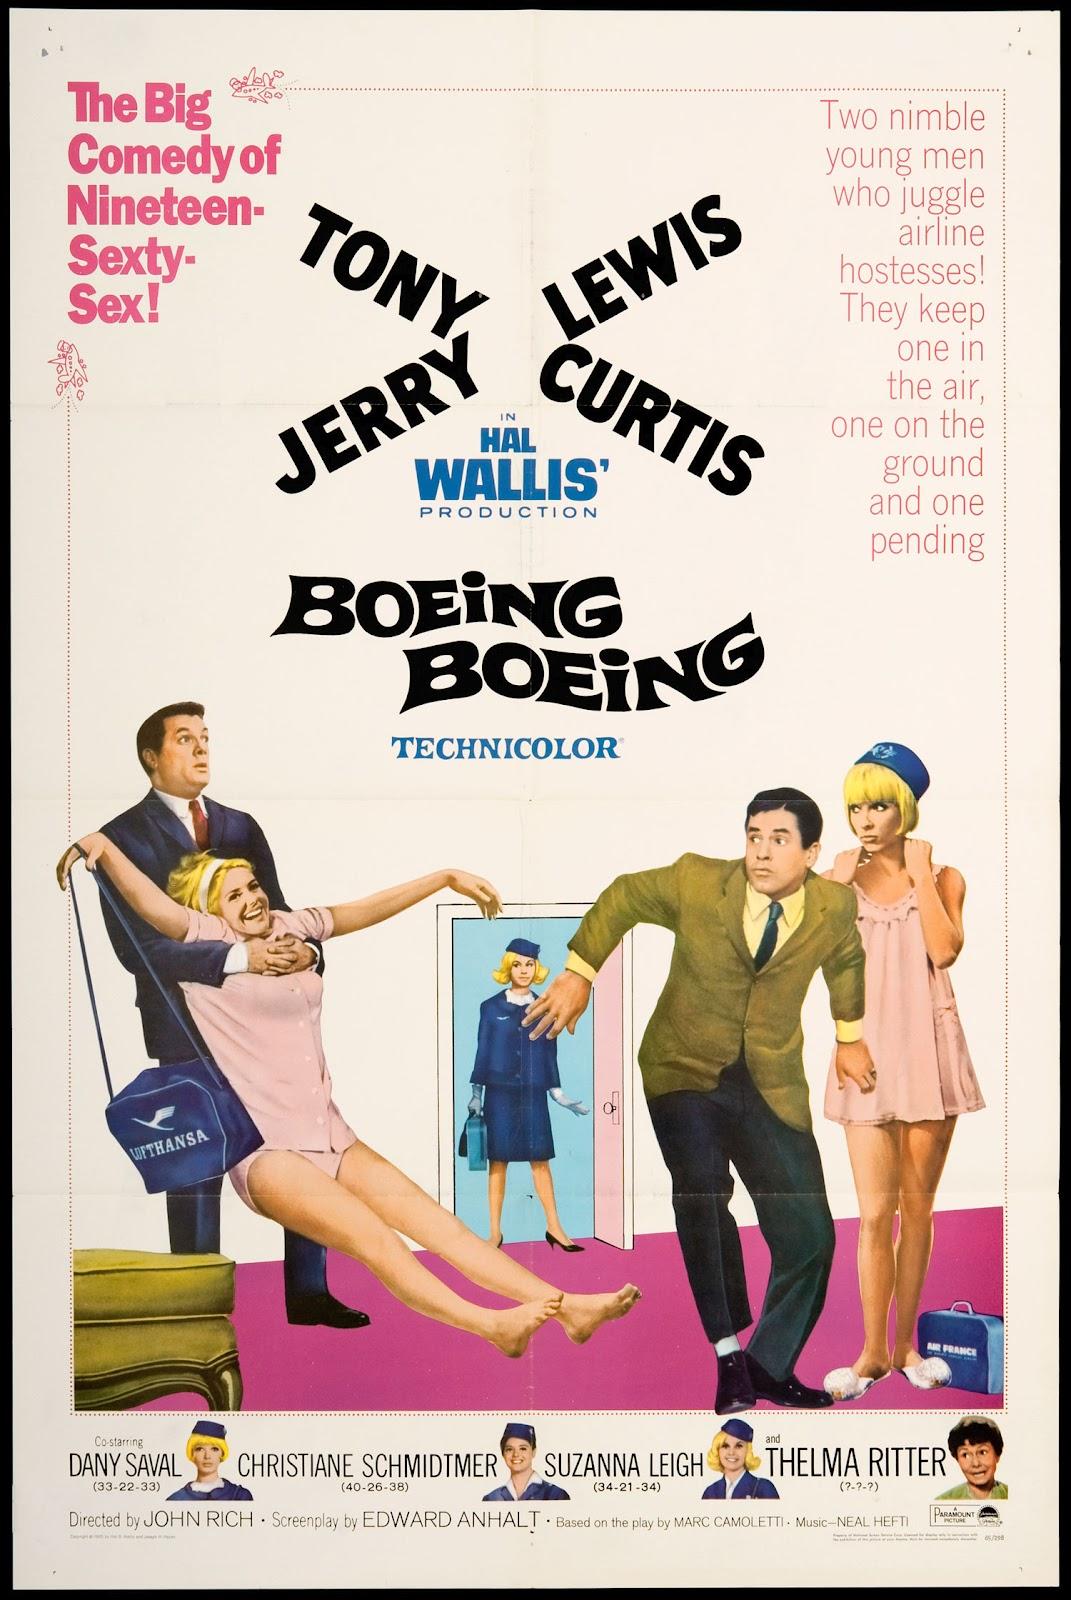 http://4.bp.blogspot.com/-7zAVmtb6uiI/TyzBgMYy2GI/AAAAAAAAKfg/TFTxWhCy7GA/s1600/BoeingBoeing.jpg